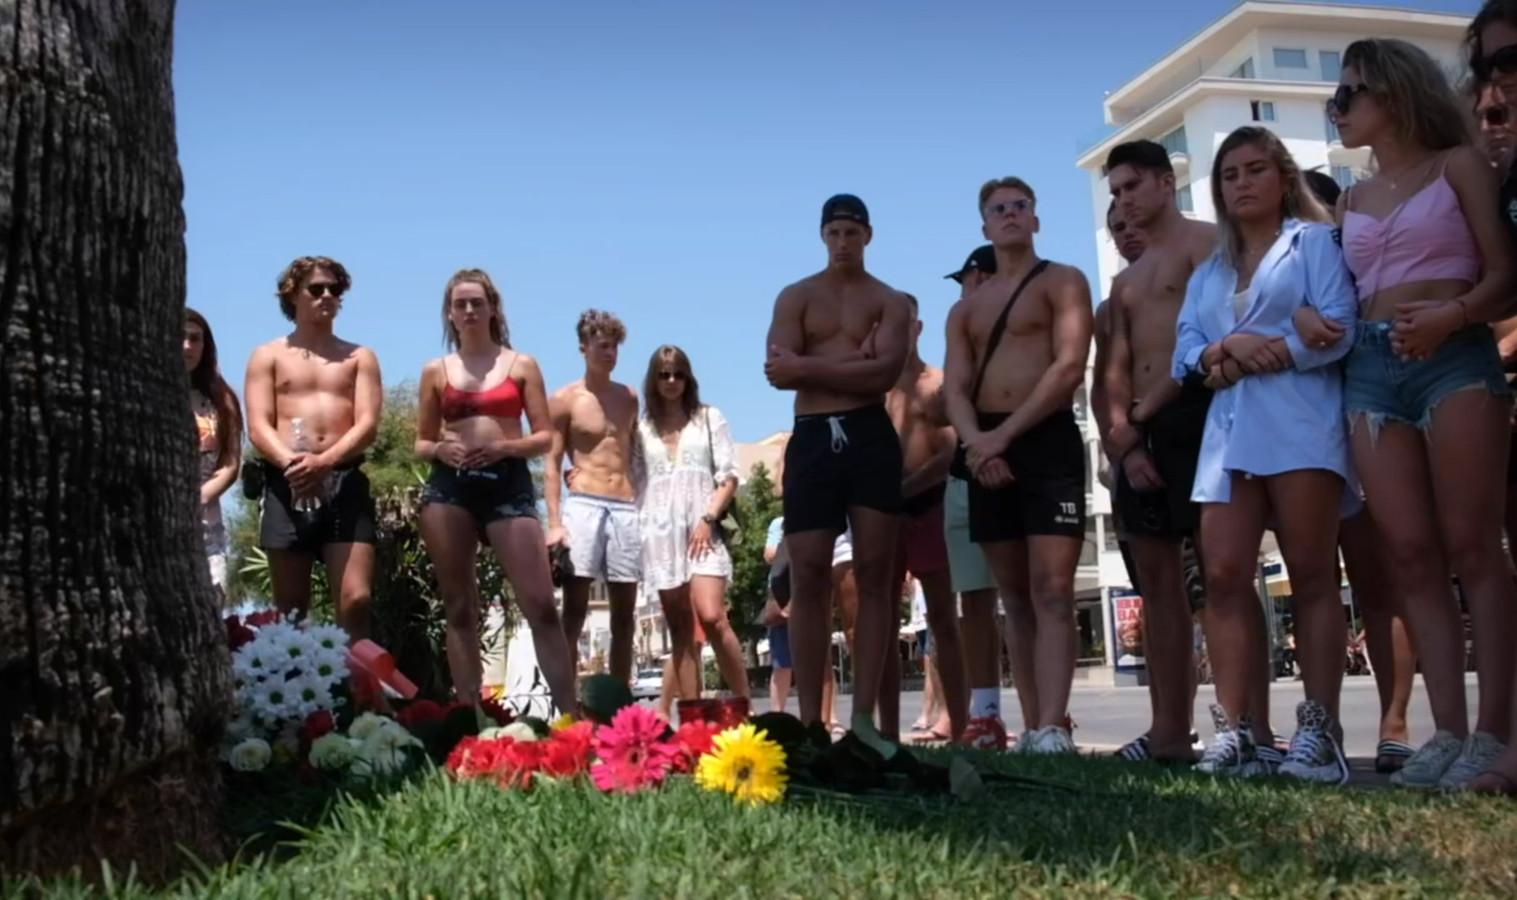 Jongeren leggen bloemen neer voor de overleden Carlo op de plek op Mallorca waar hij werd aangevallen.